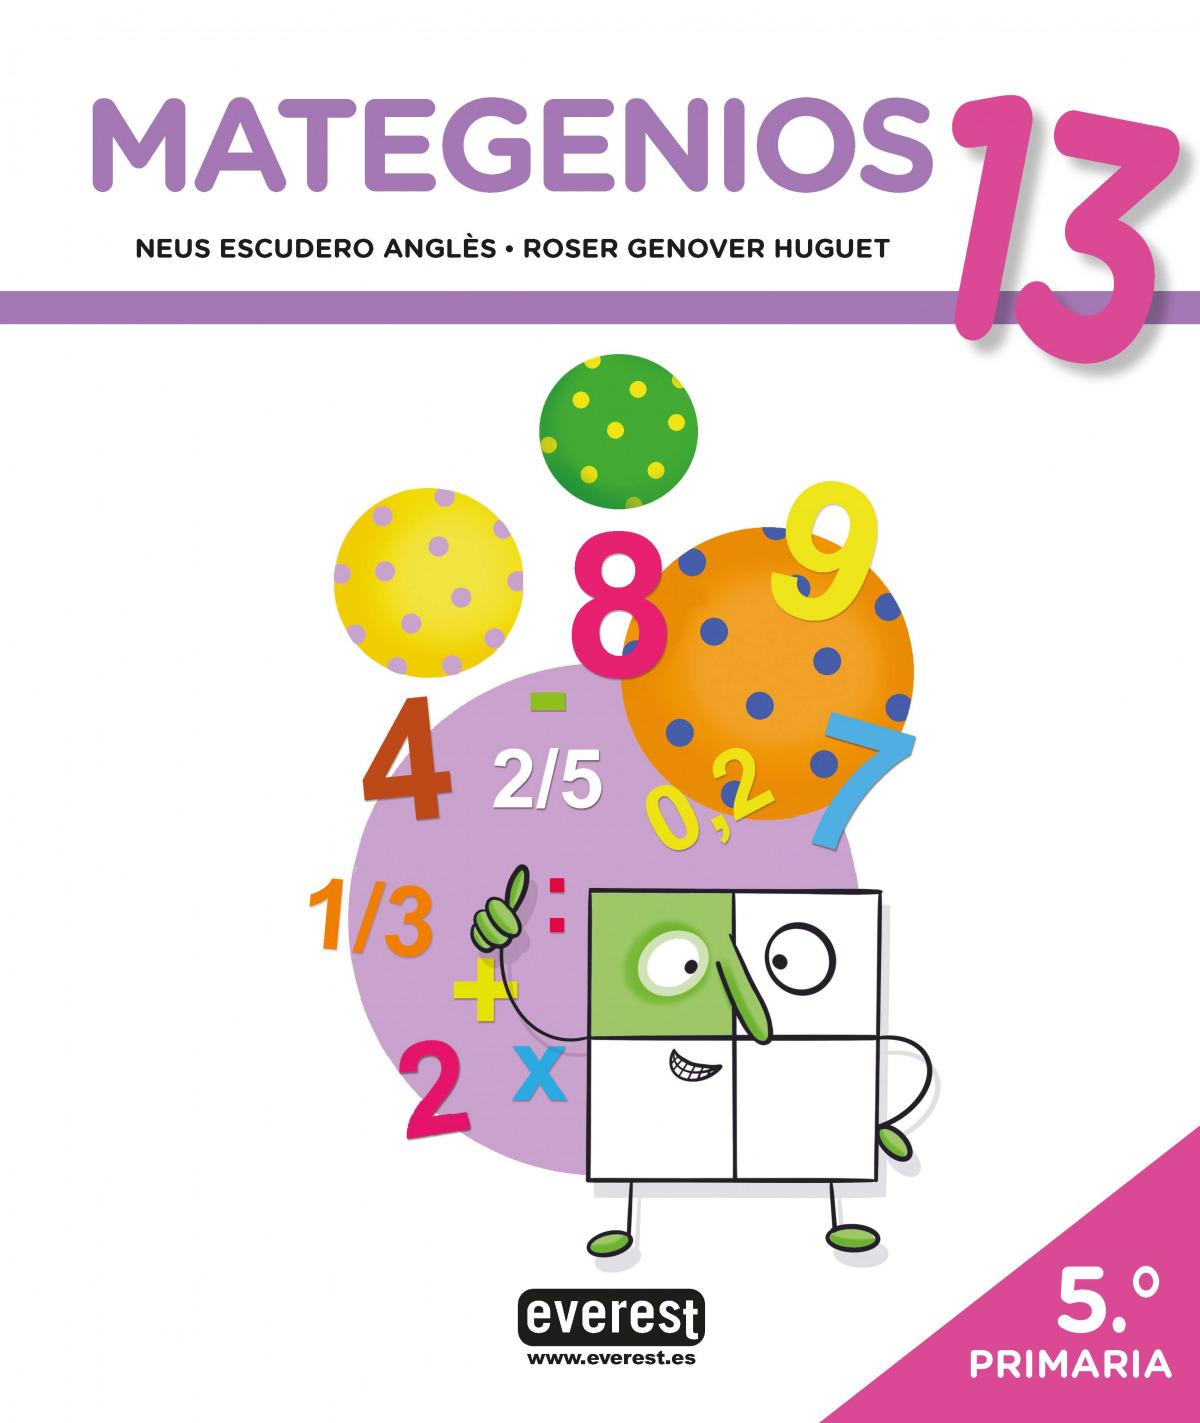 Mategenios 13